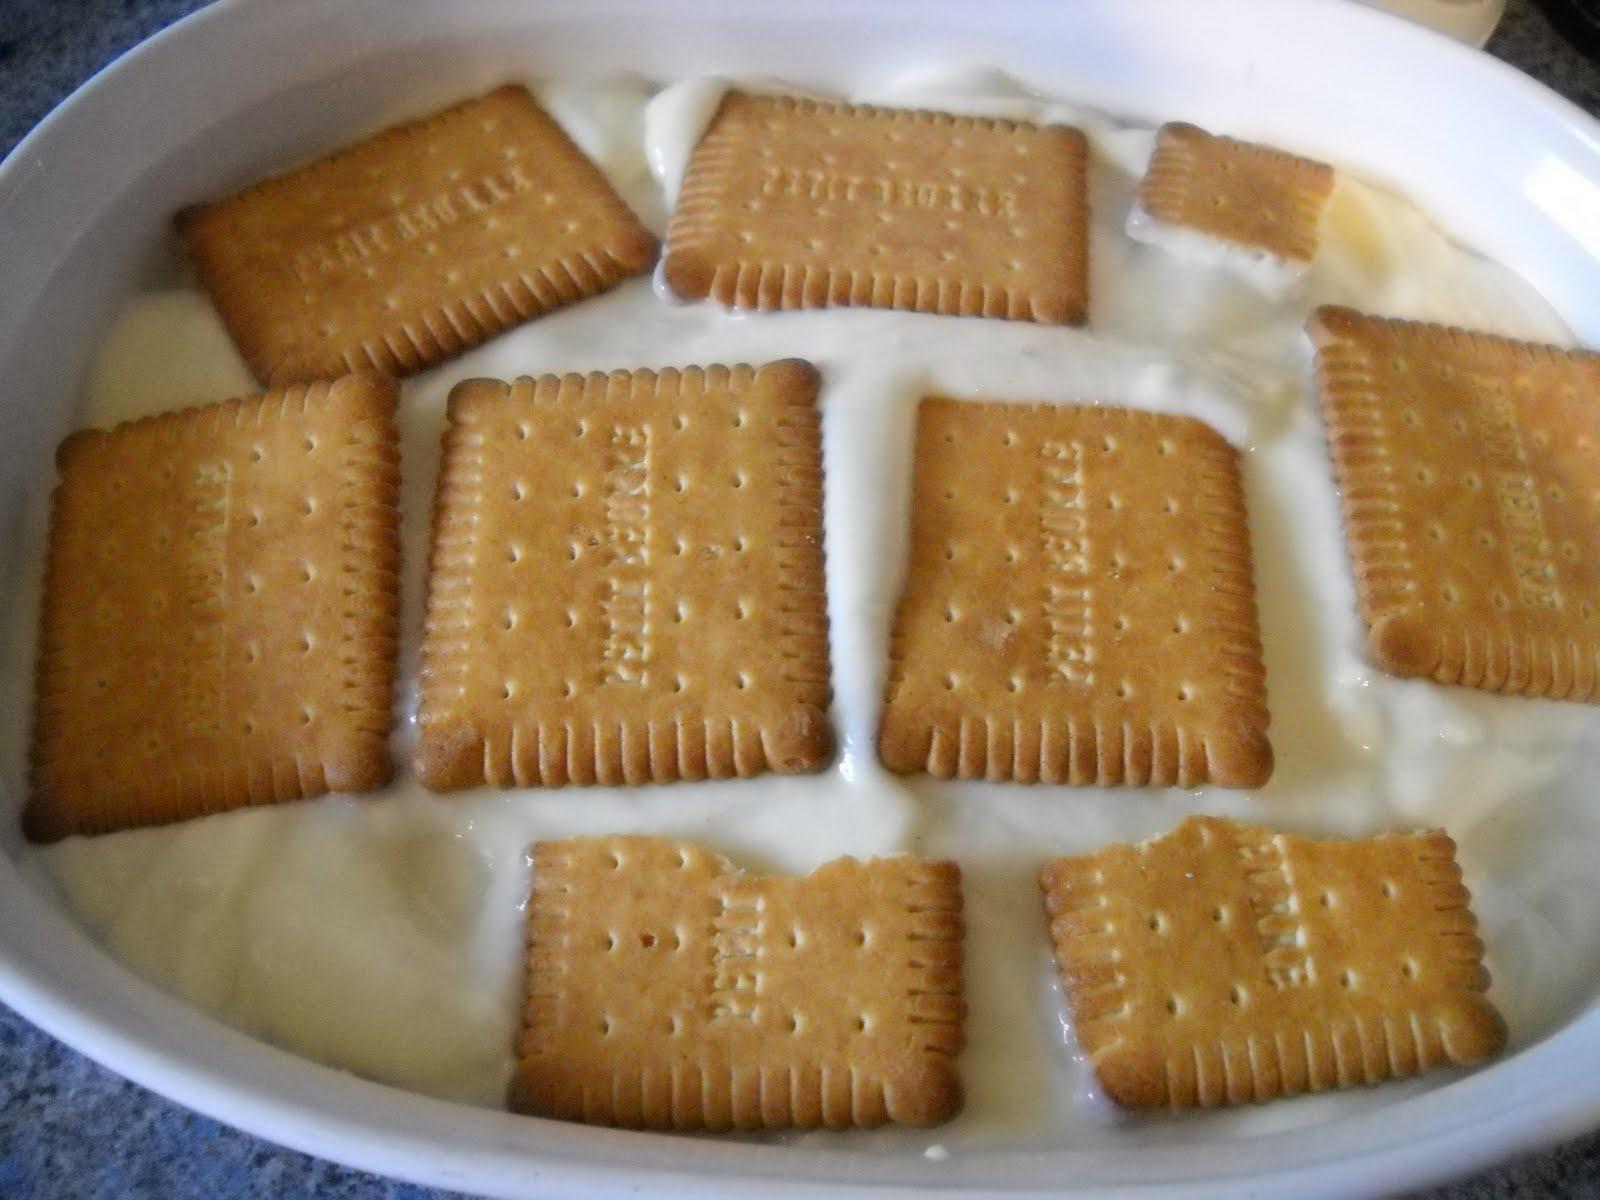 Maida Heatter Bake-Off: Banana Pudding